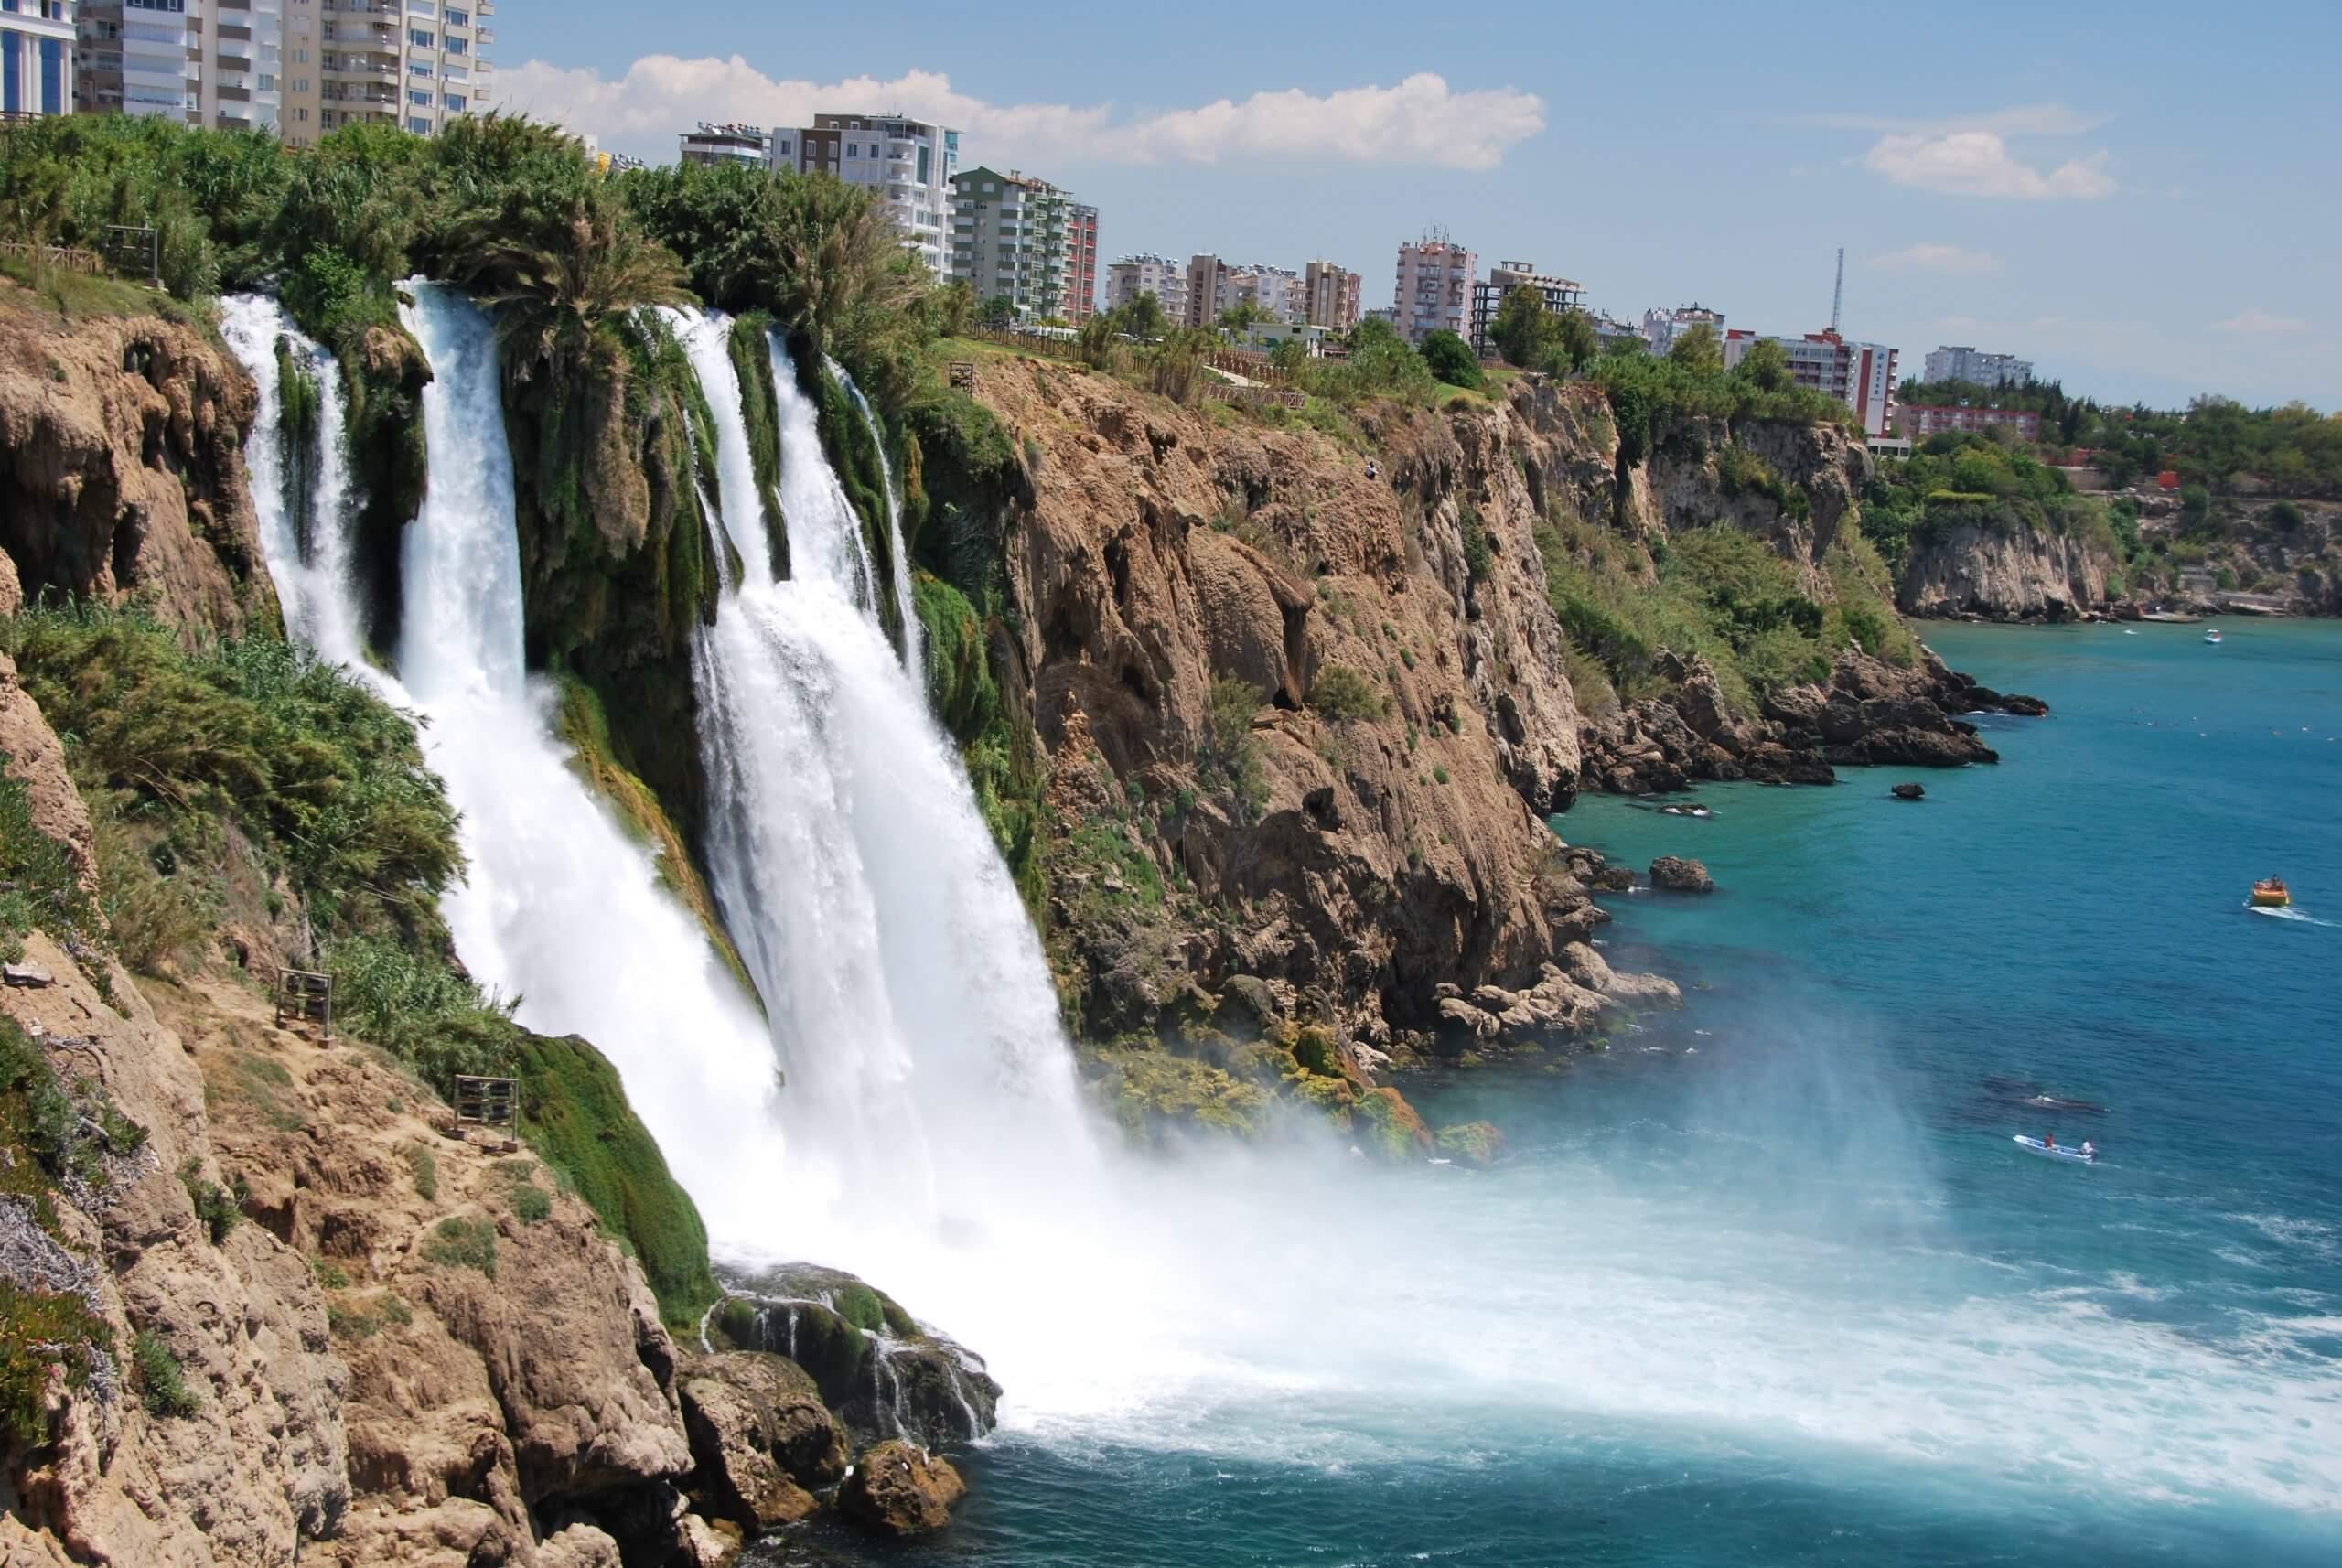 duden waterfall upper duden national park antalya turkey splashing water nominated t20 QKmYrk scaled